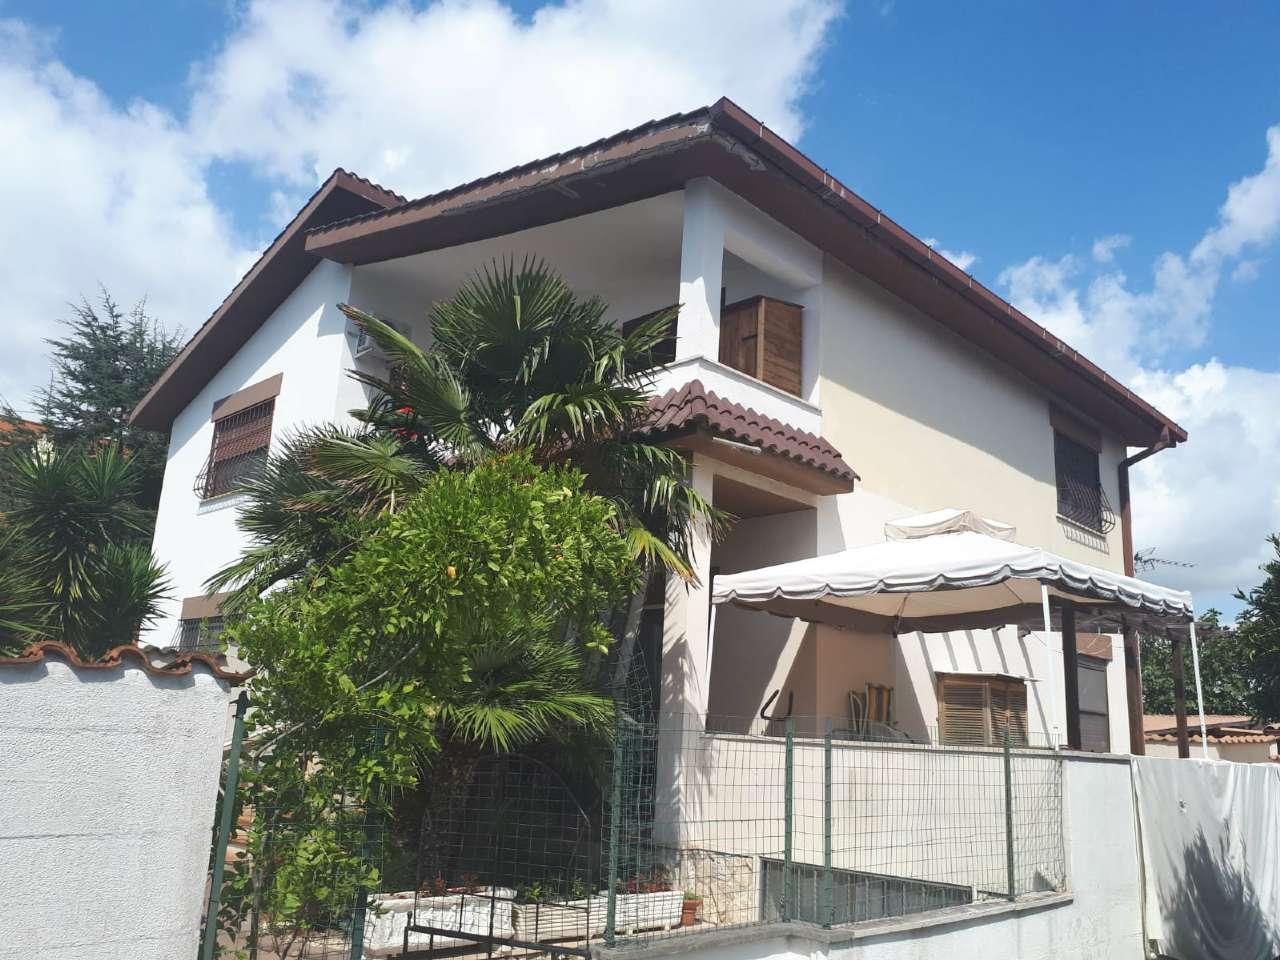 Appartamento in vendita a Roma, 3 locali, zona Zona: 38 . Acilia, Vitinia, Infernetto, Axa, Casal Palocco, Madonnetta, prezzo € 225.000 | CambioCasa.it